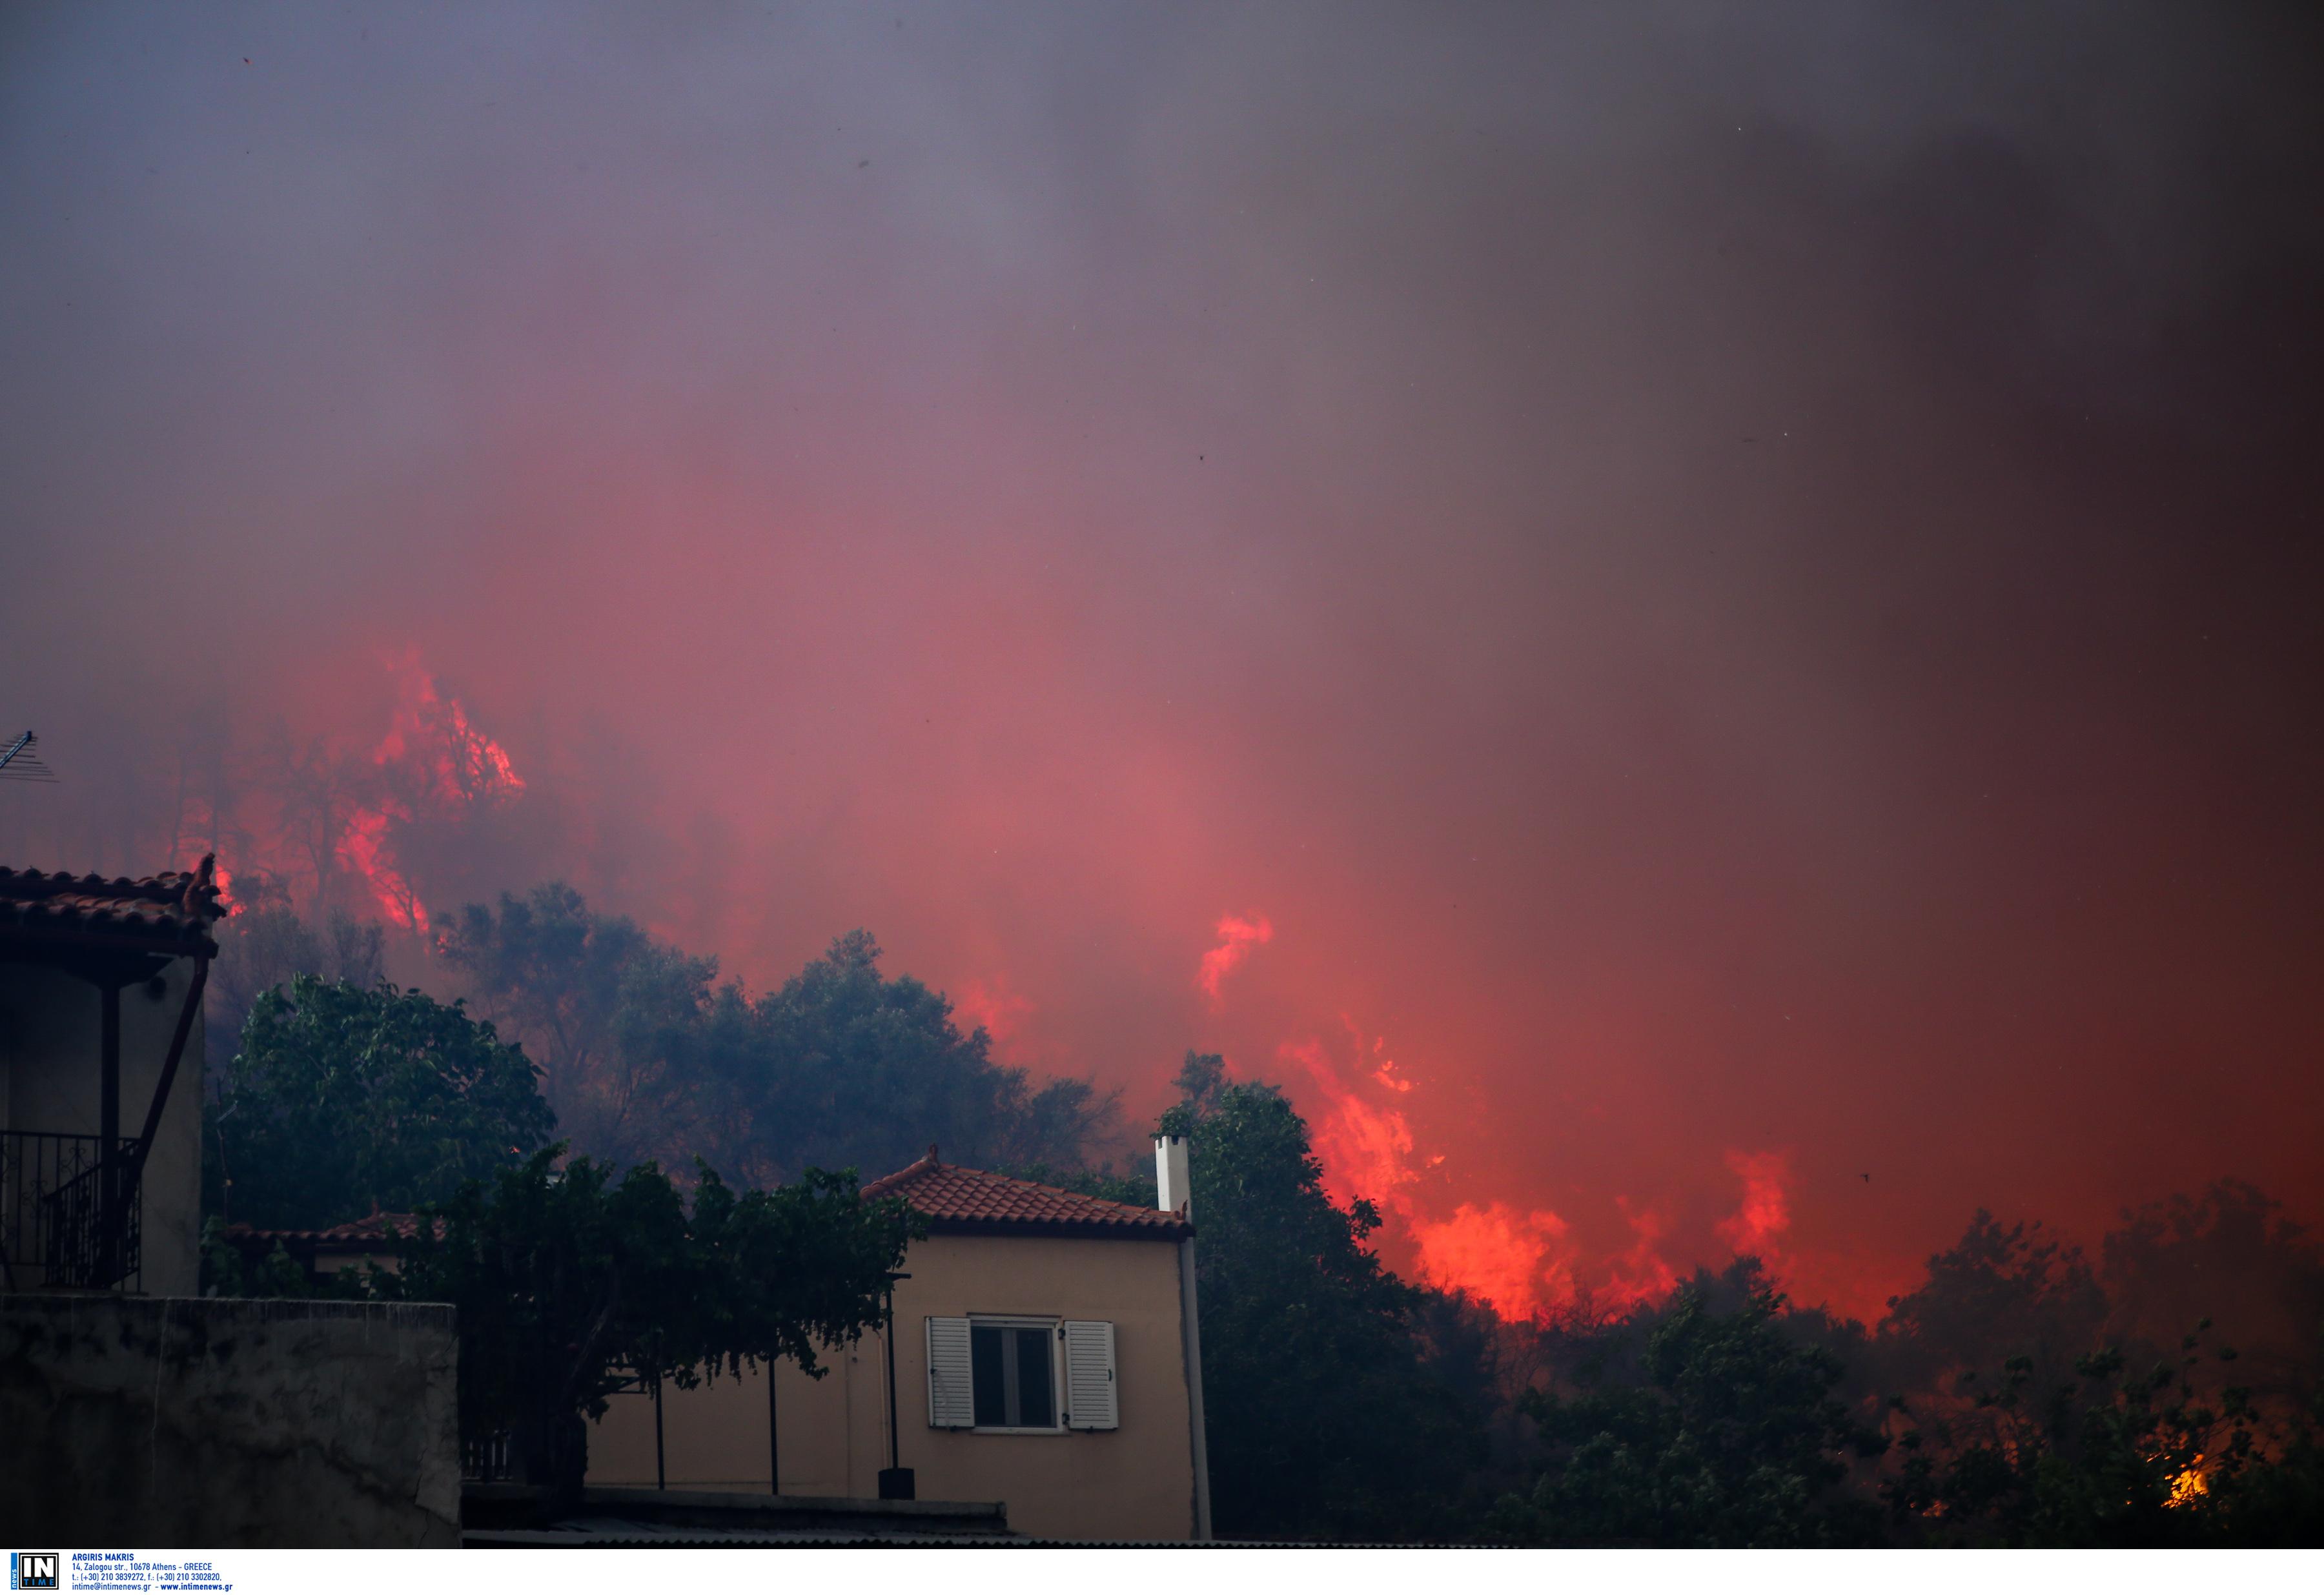 Βόρειοι άνεμοι στα Ψαχνά Ευβοίας δυσκολεύουν τις προσπάθειες κατάσβεσης της φωτιάς